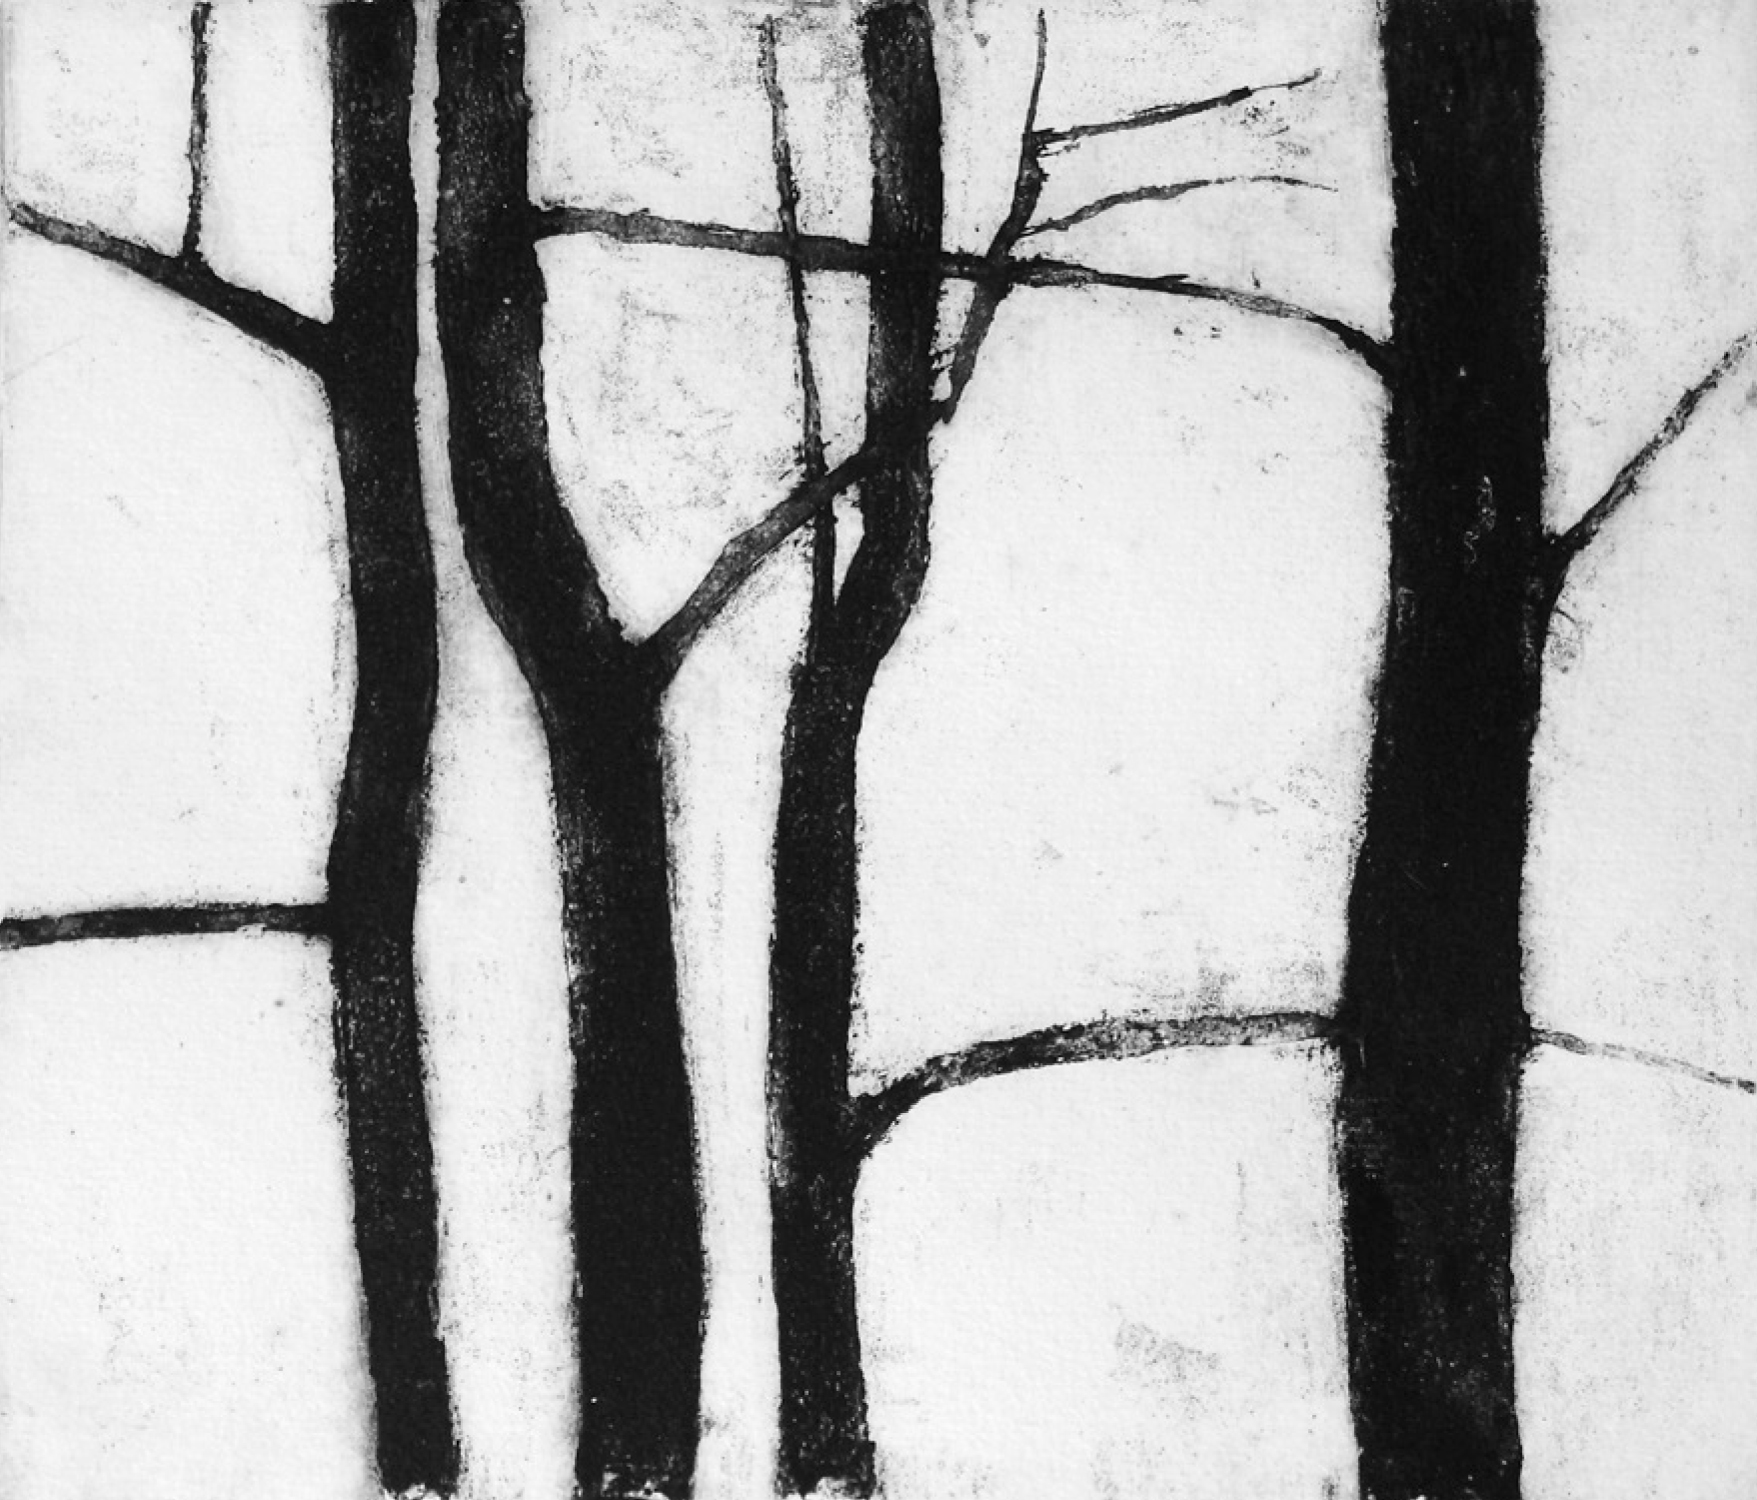 17 | Rita Geißler | Vier Bäume | 2006 | Radierung | 21 x 25 cm | Kunstlotterie